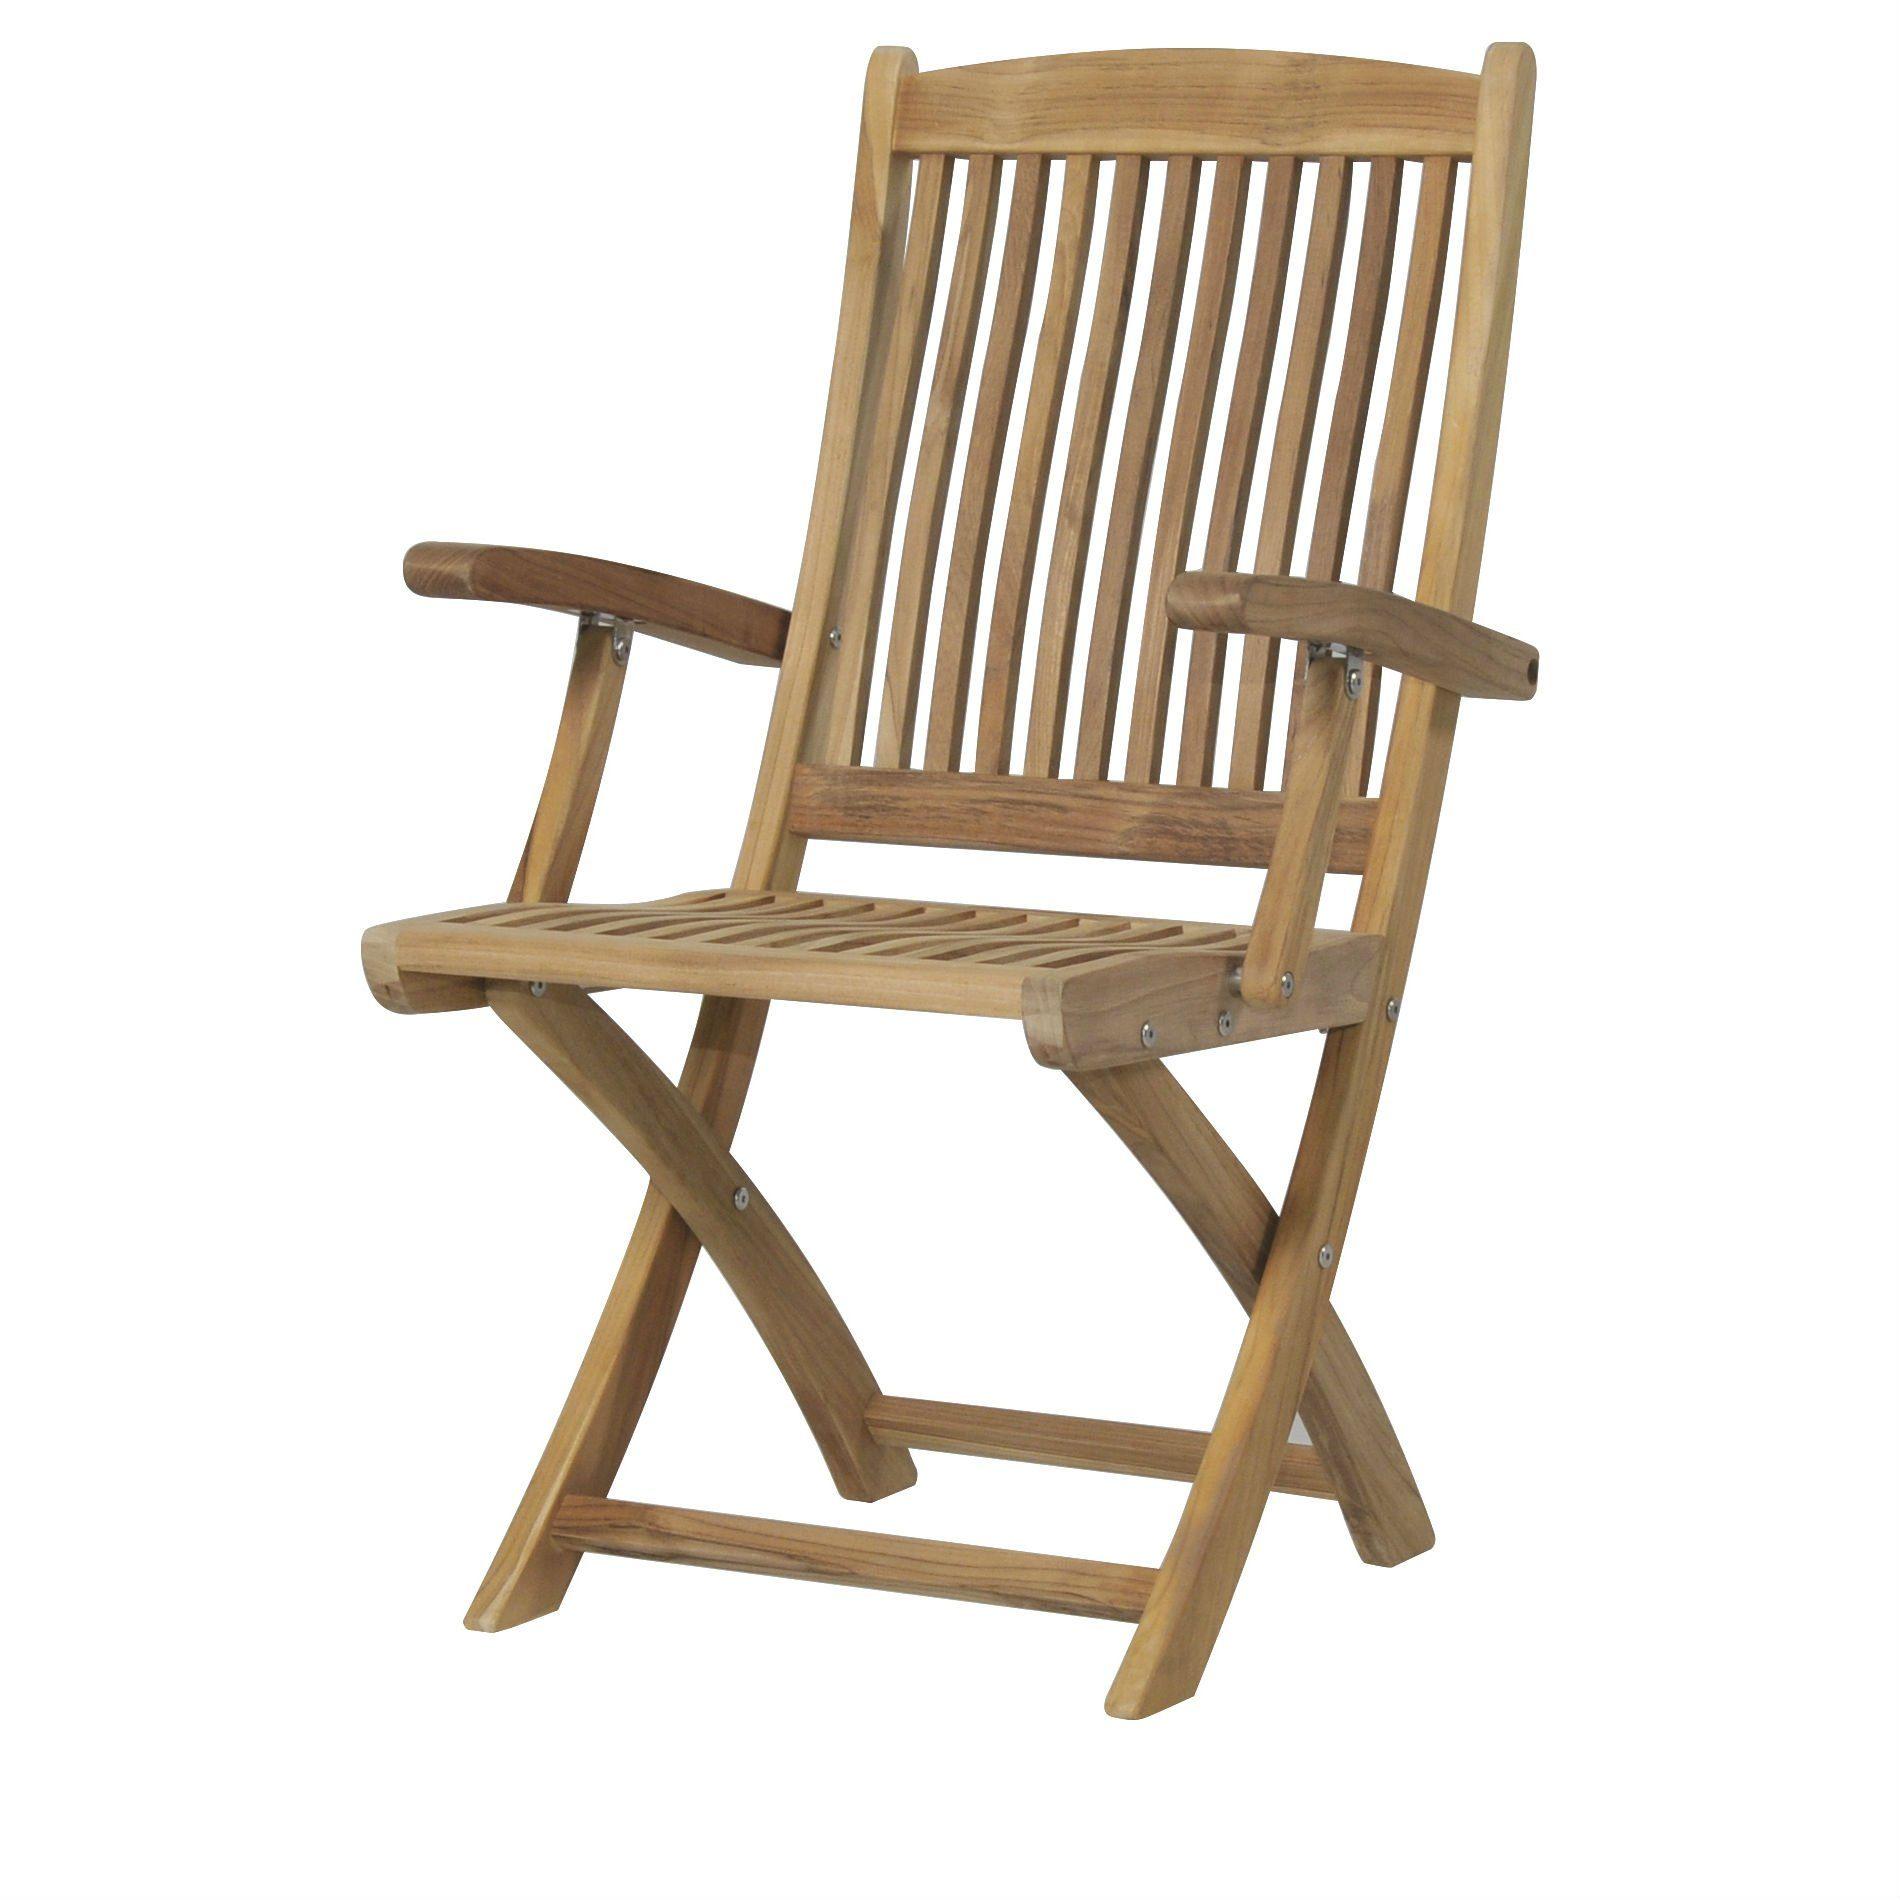 zebra bali klappsessel. Black Bedroom Furniture Sets. Home Design Ideas